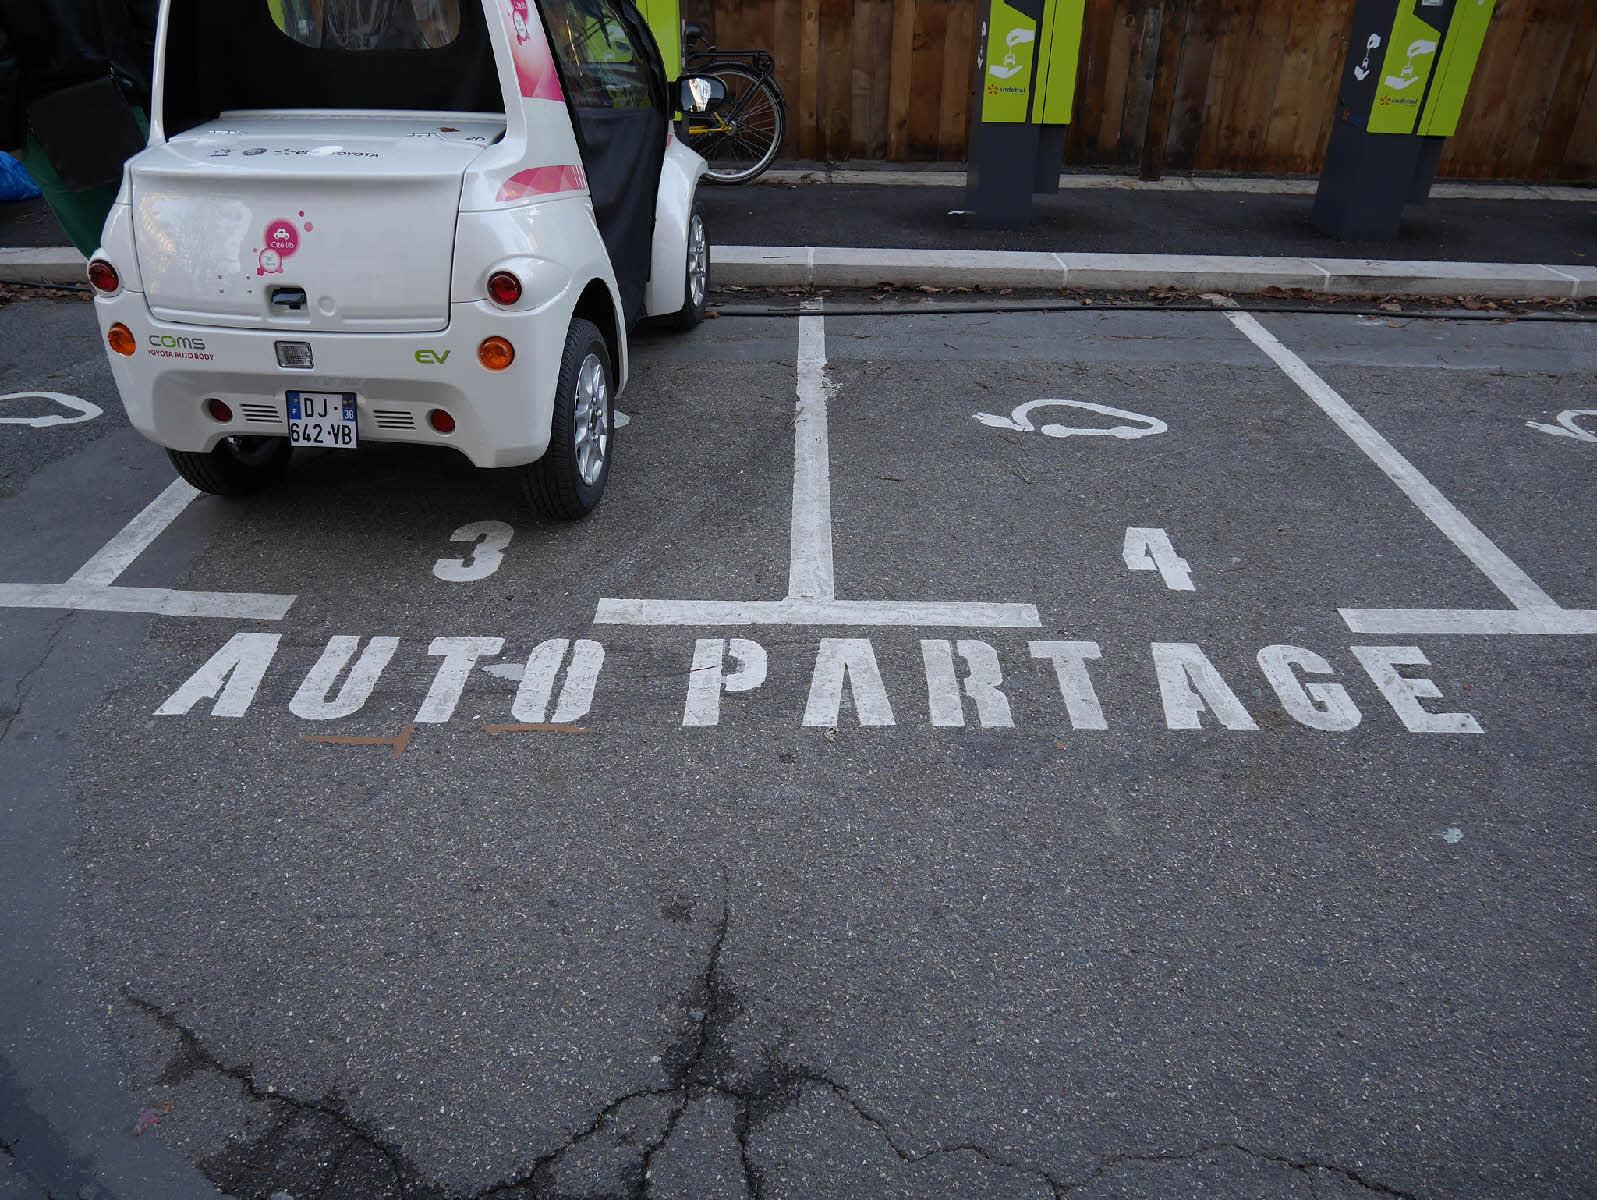 autopartage-jpg